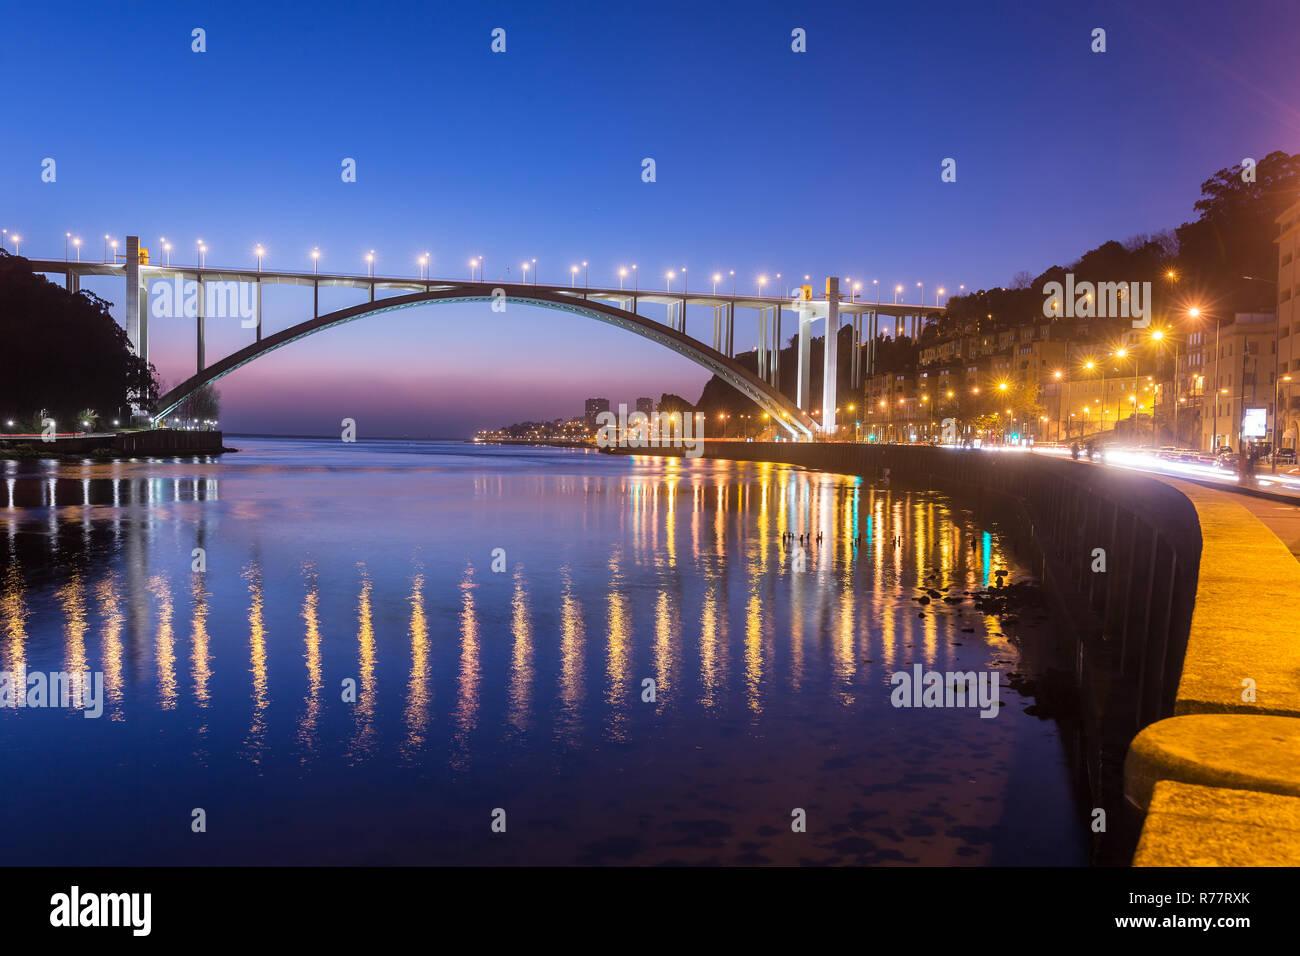 Ponte da Arrabida Bridge in Porto, Portugal Stock Photo